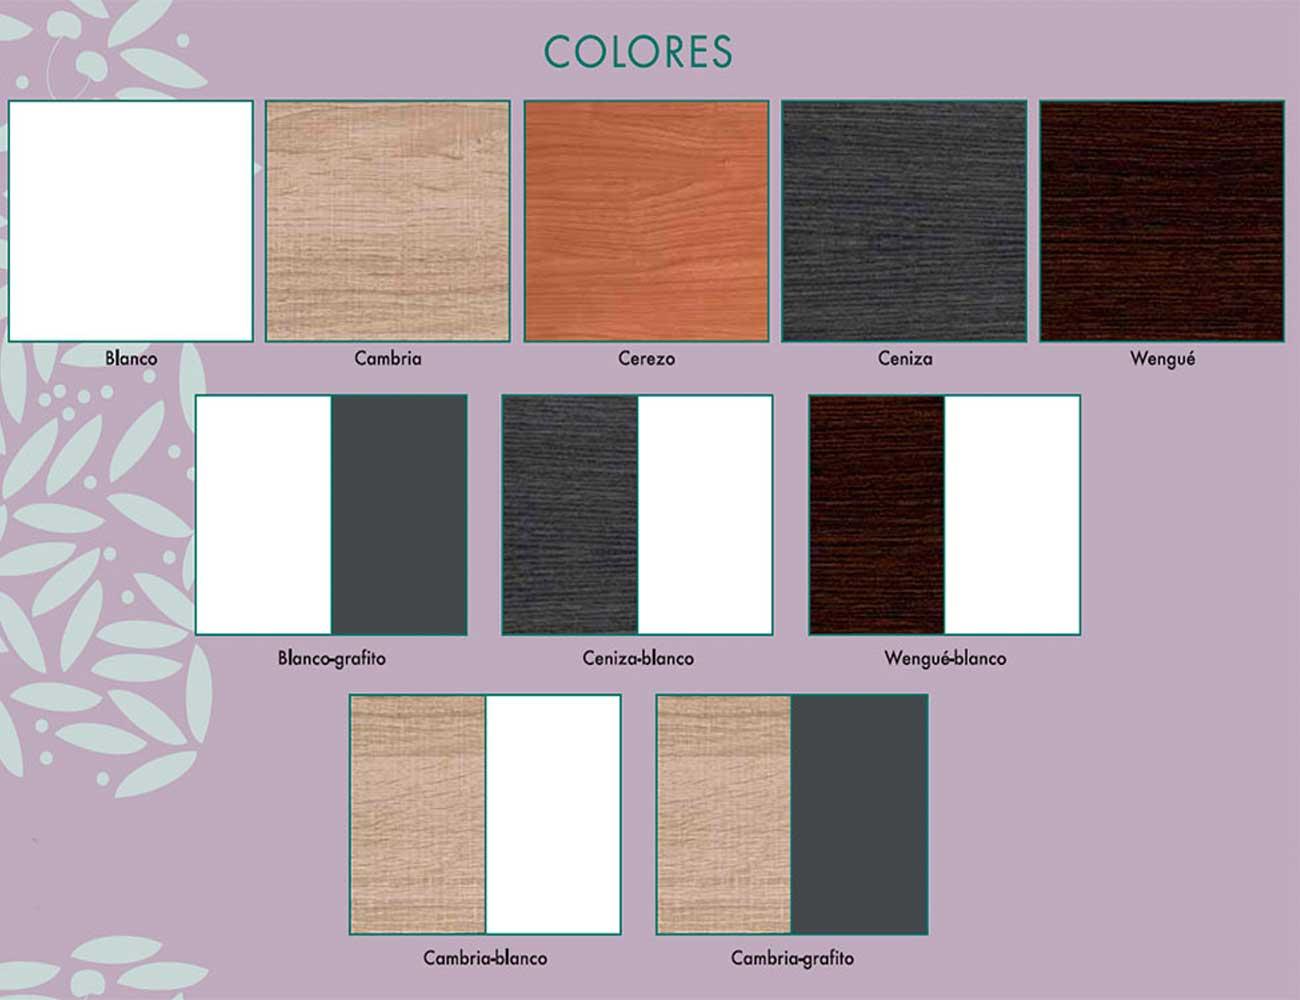 Salon colores6